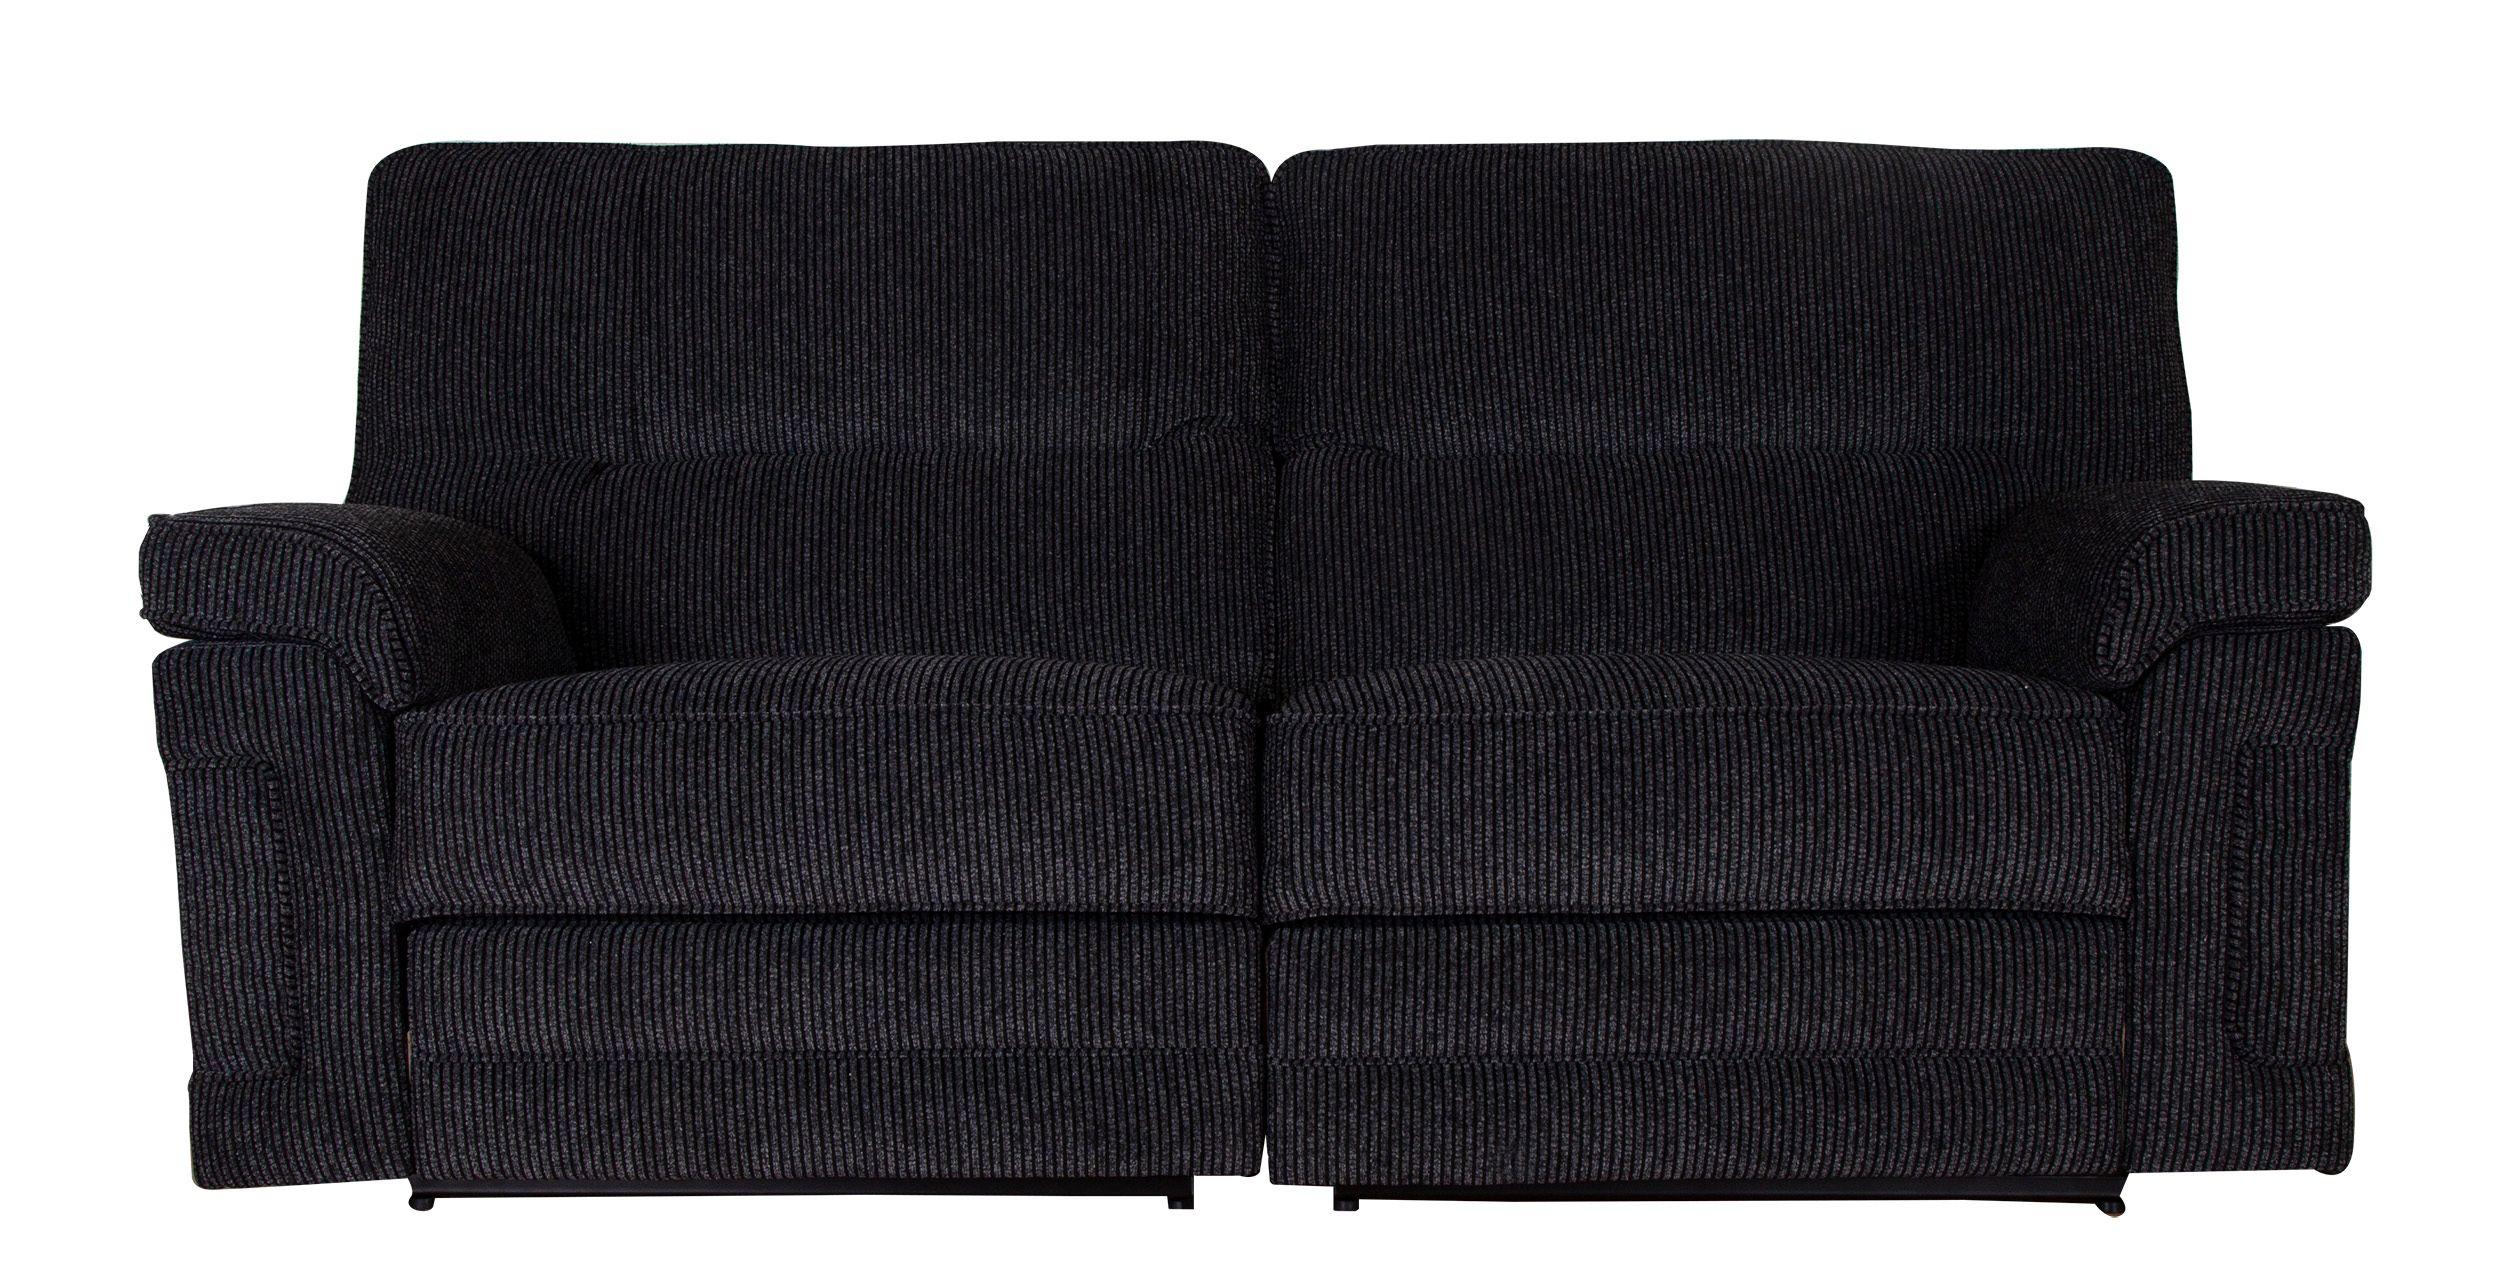 PLAYA 3 Seater Recliner Sofa